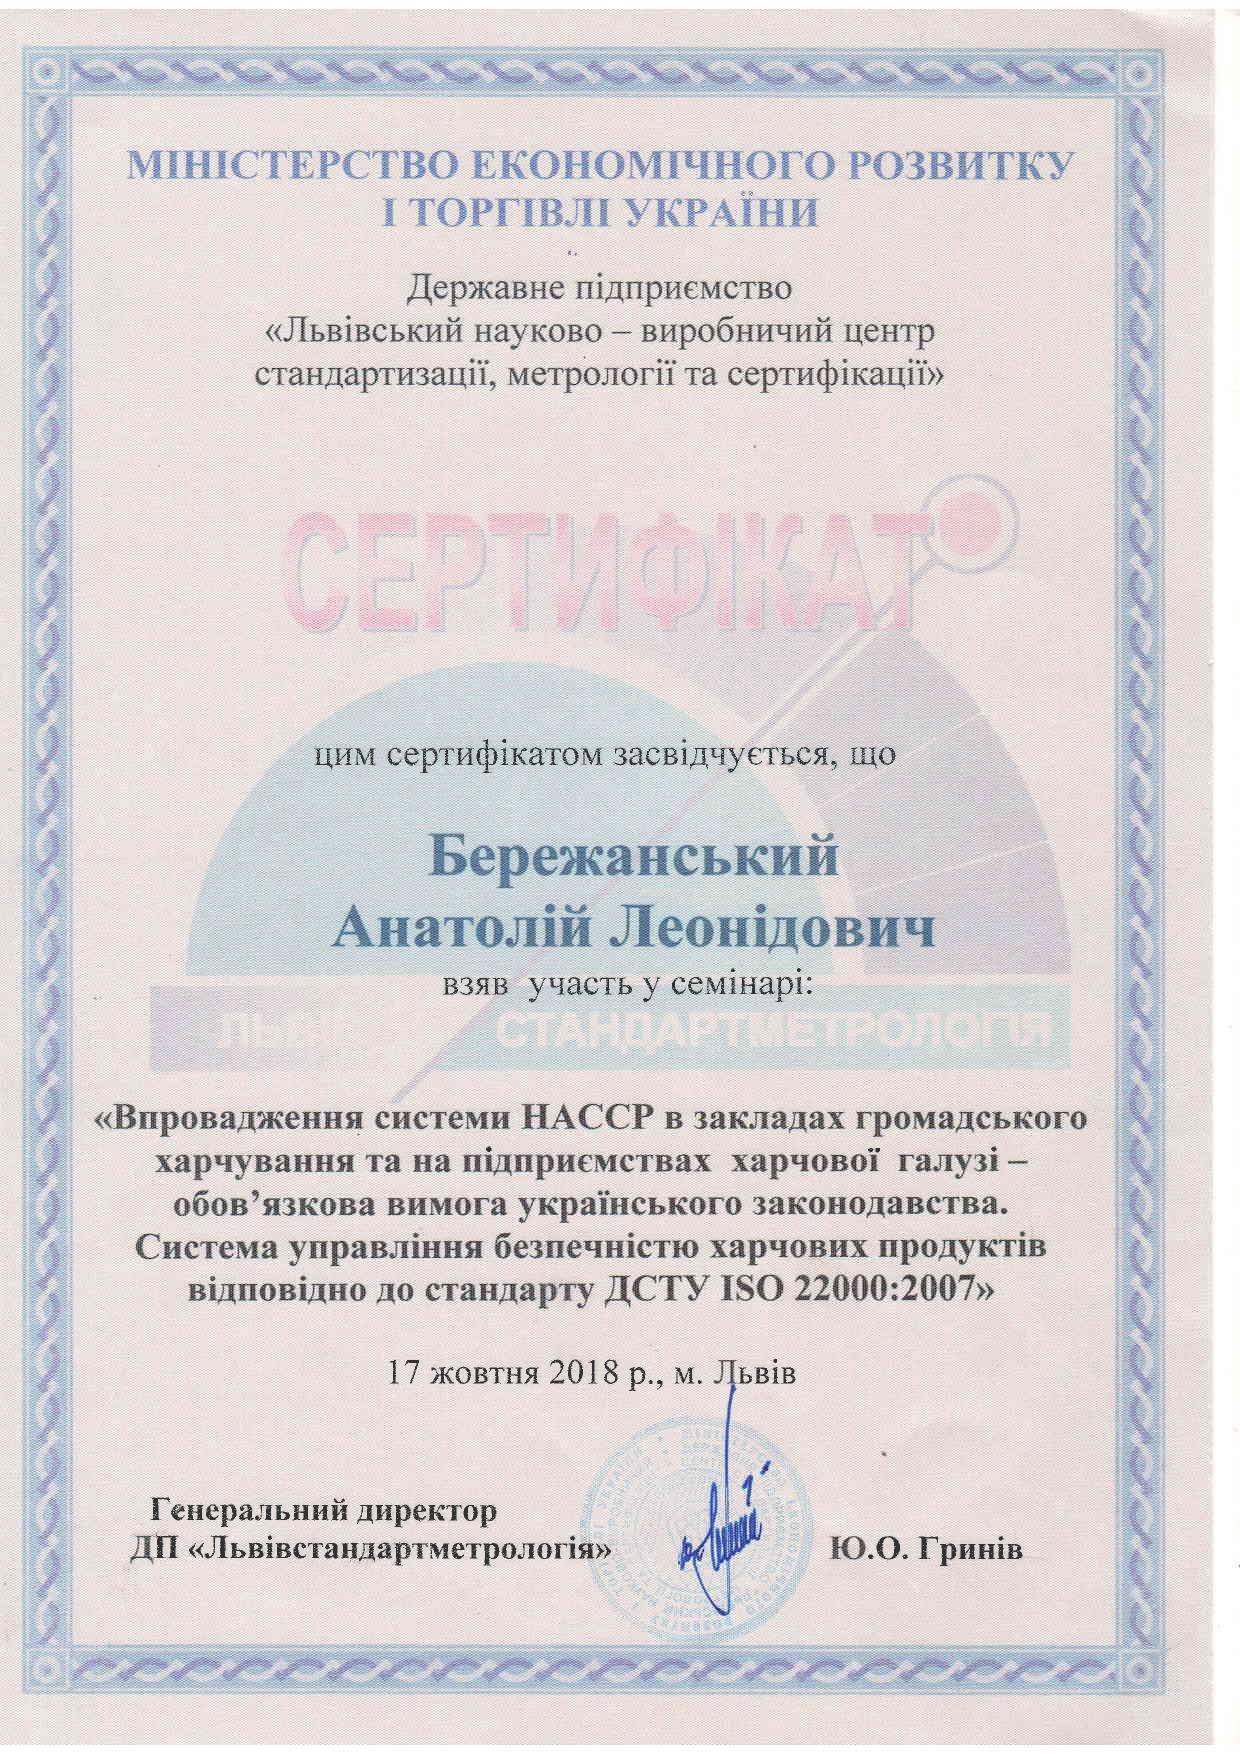 Сертифікат Бережанський